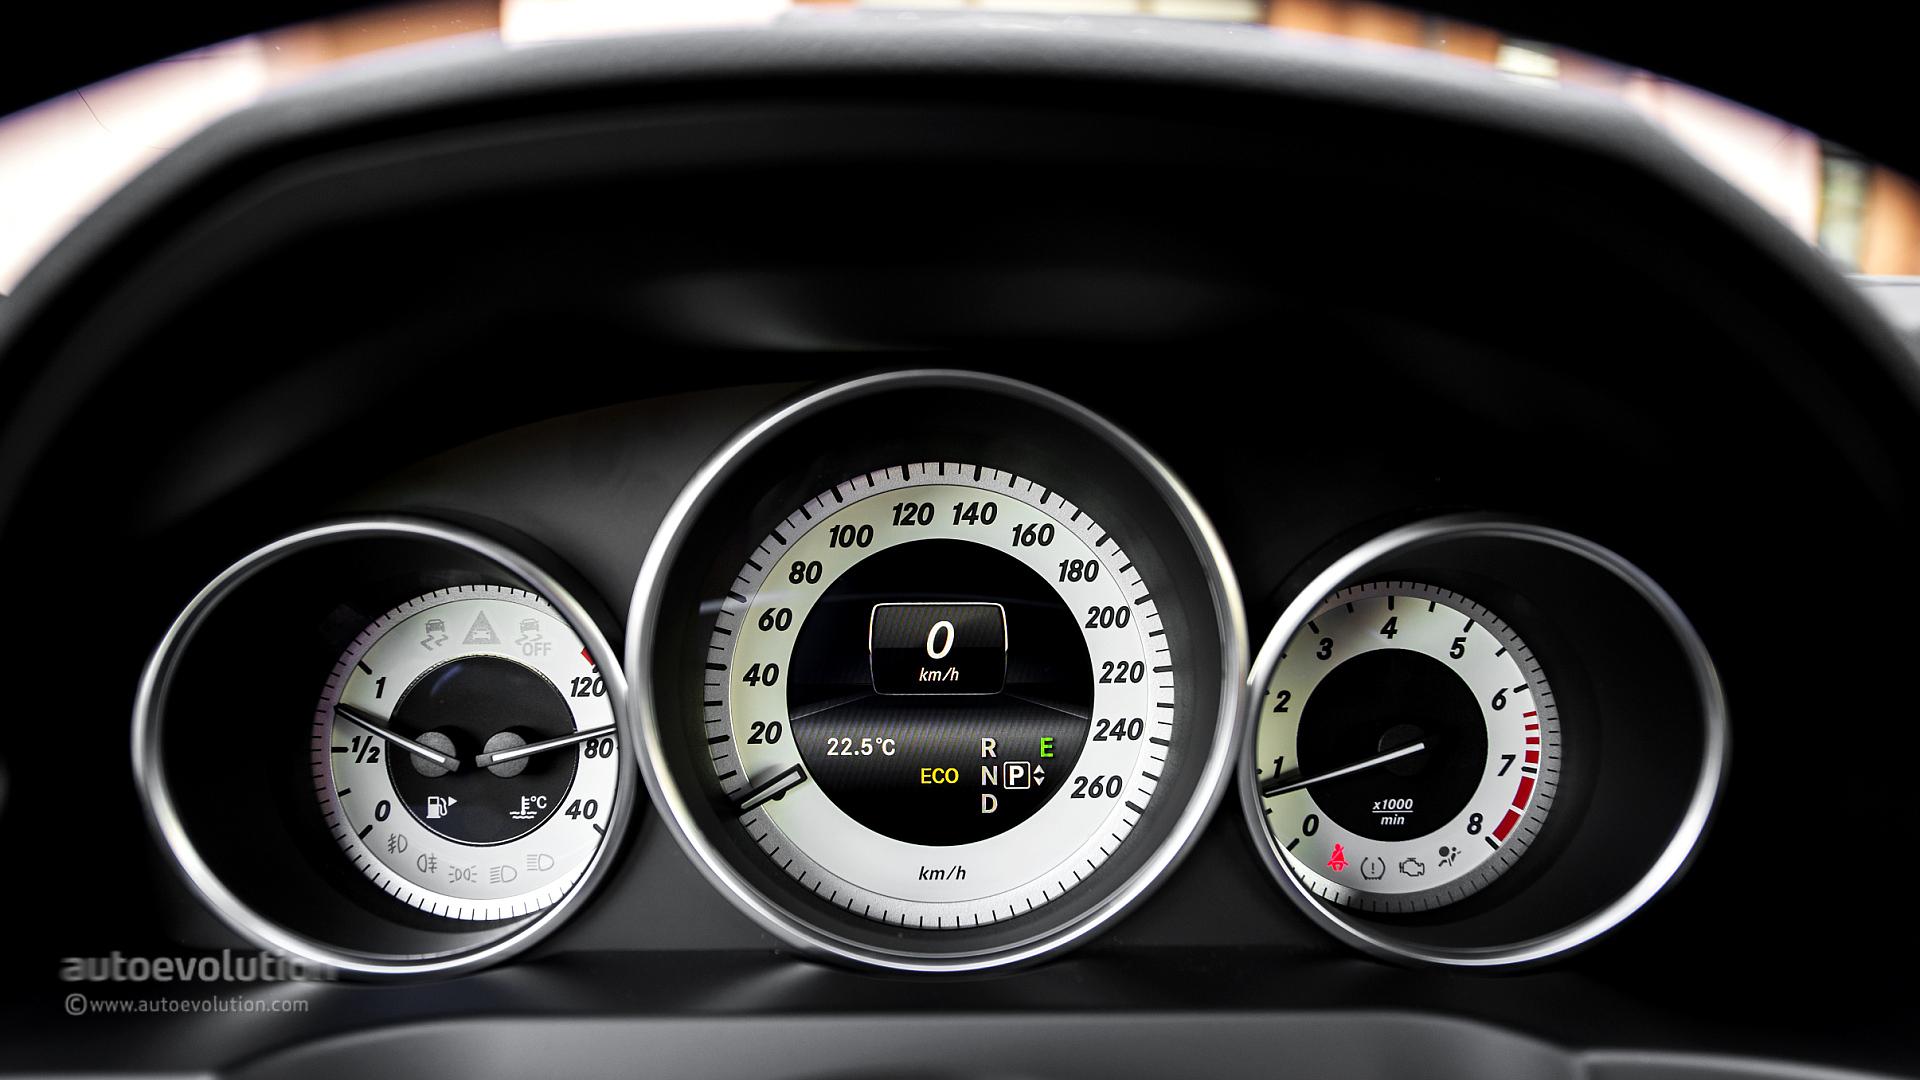 Mercedes e class dashboard warning lights fiat world for Mercedes benz indicator lights